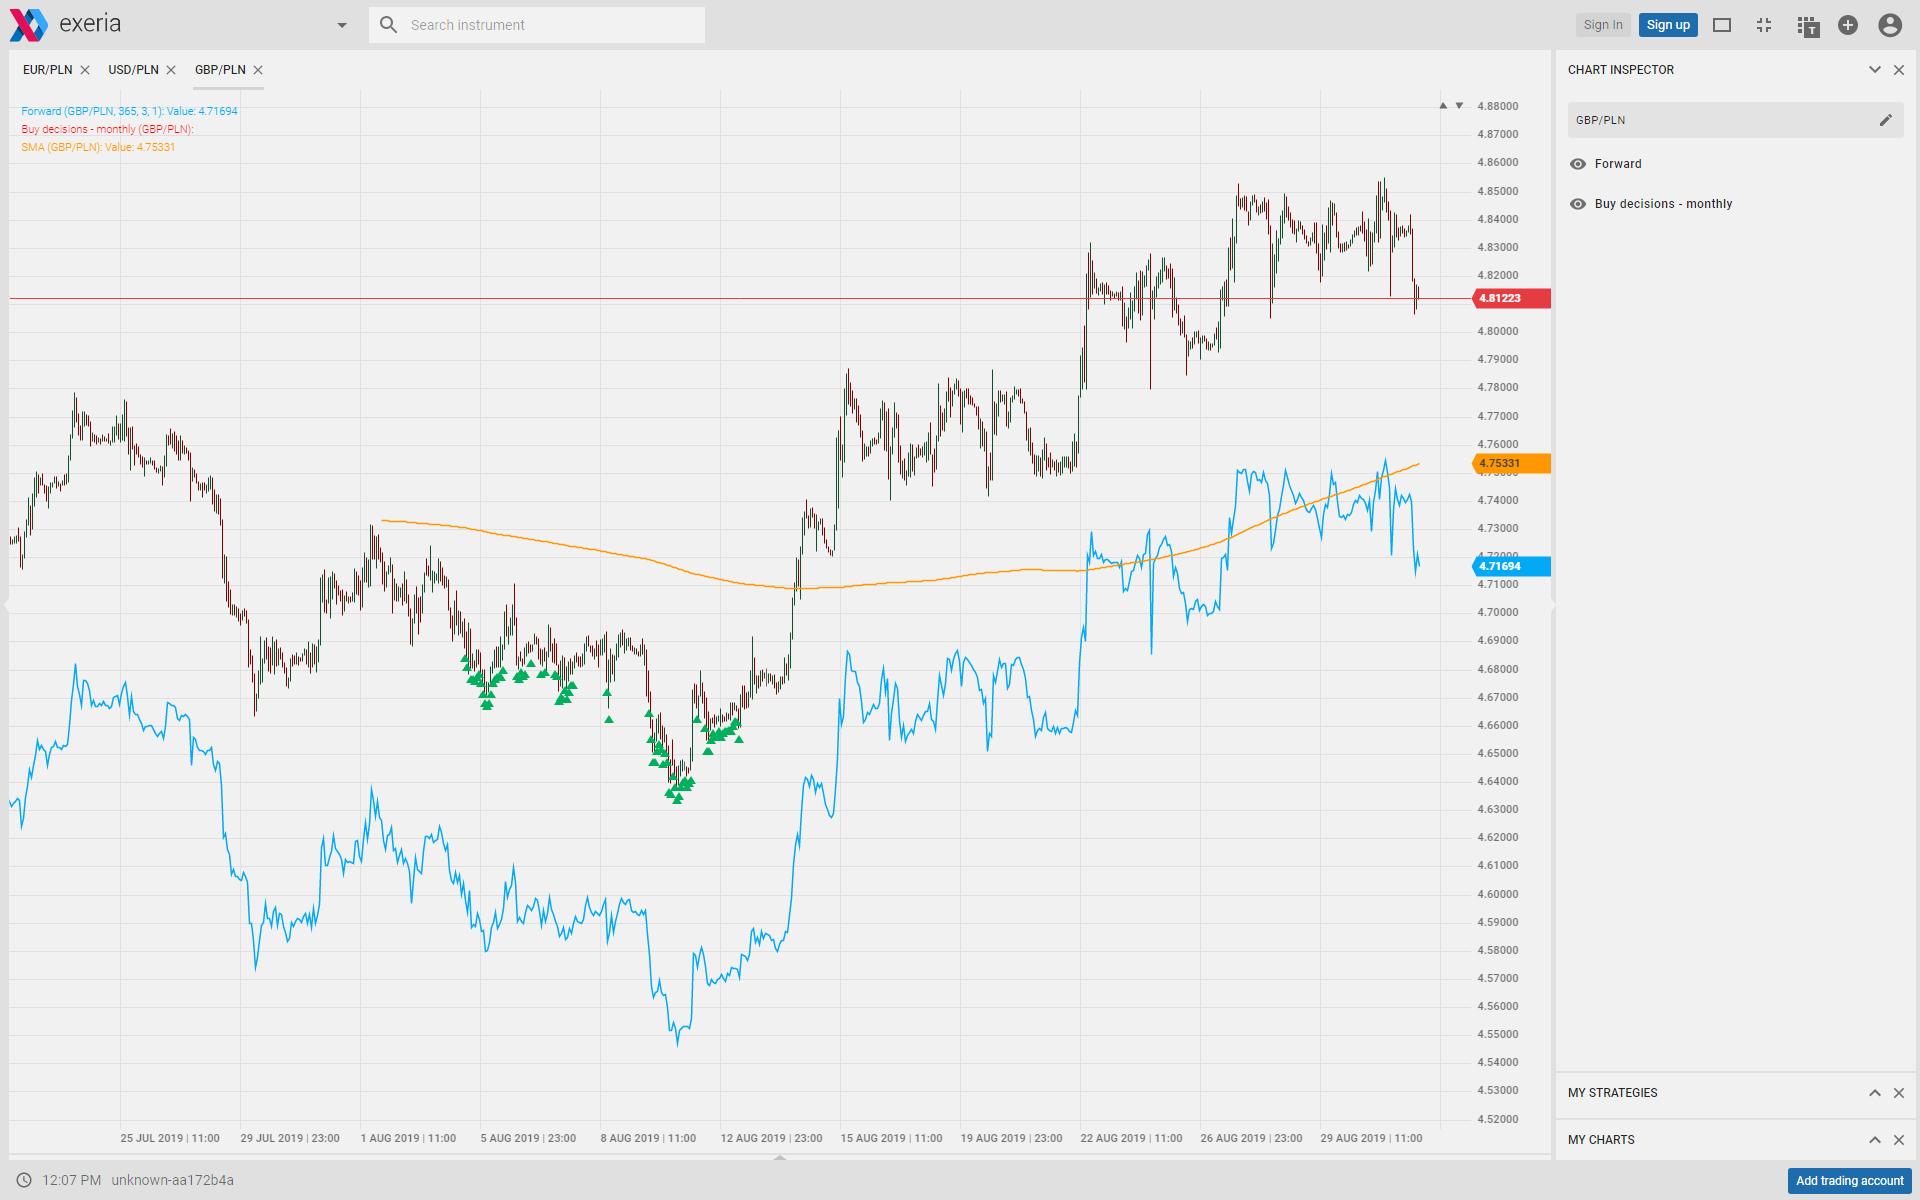 kurs forward, notowania walut, kurs przyszły, zabezpieczenie kursowe, ryzyko walutowe